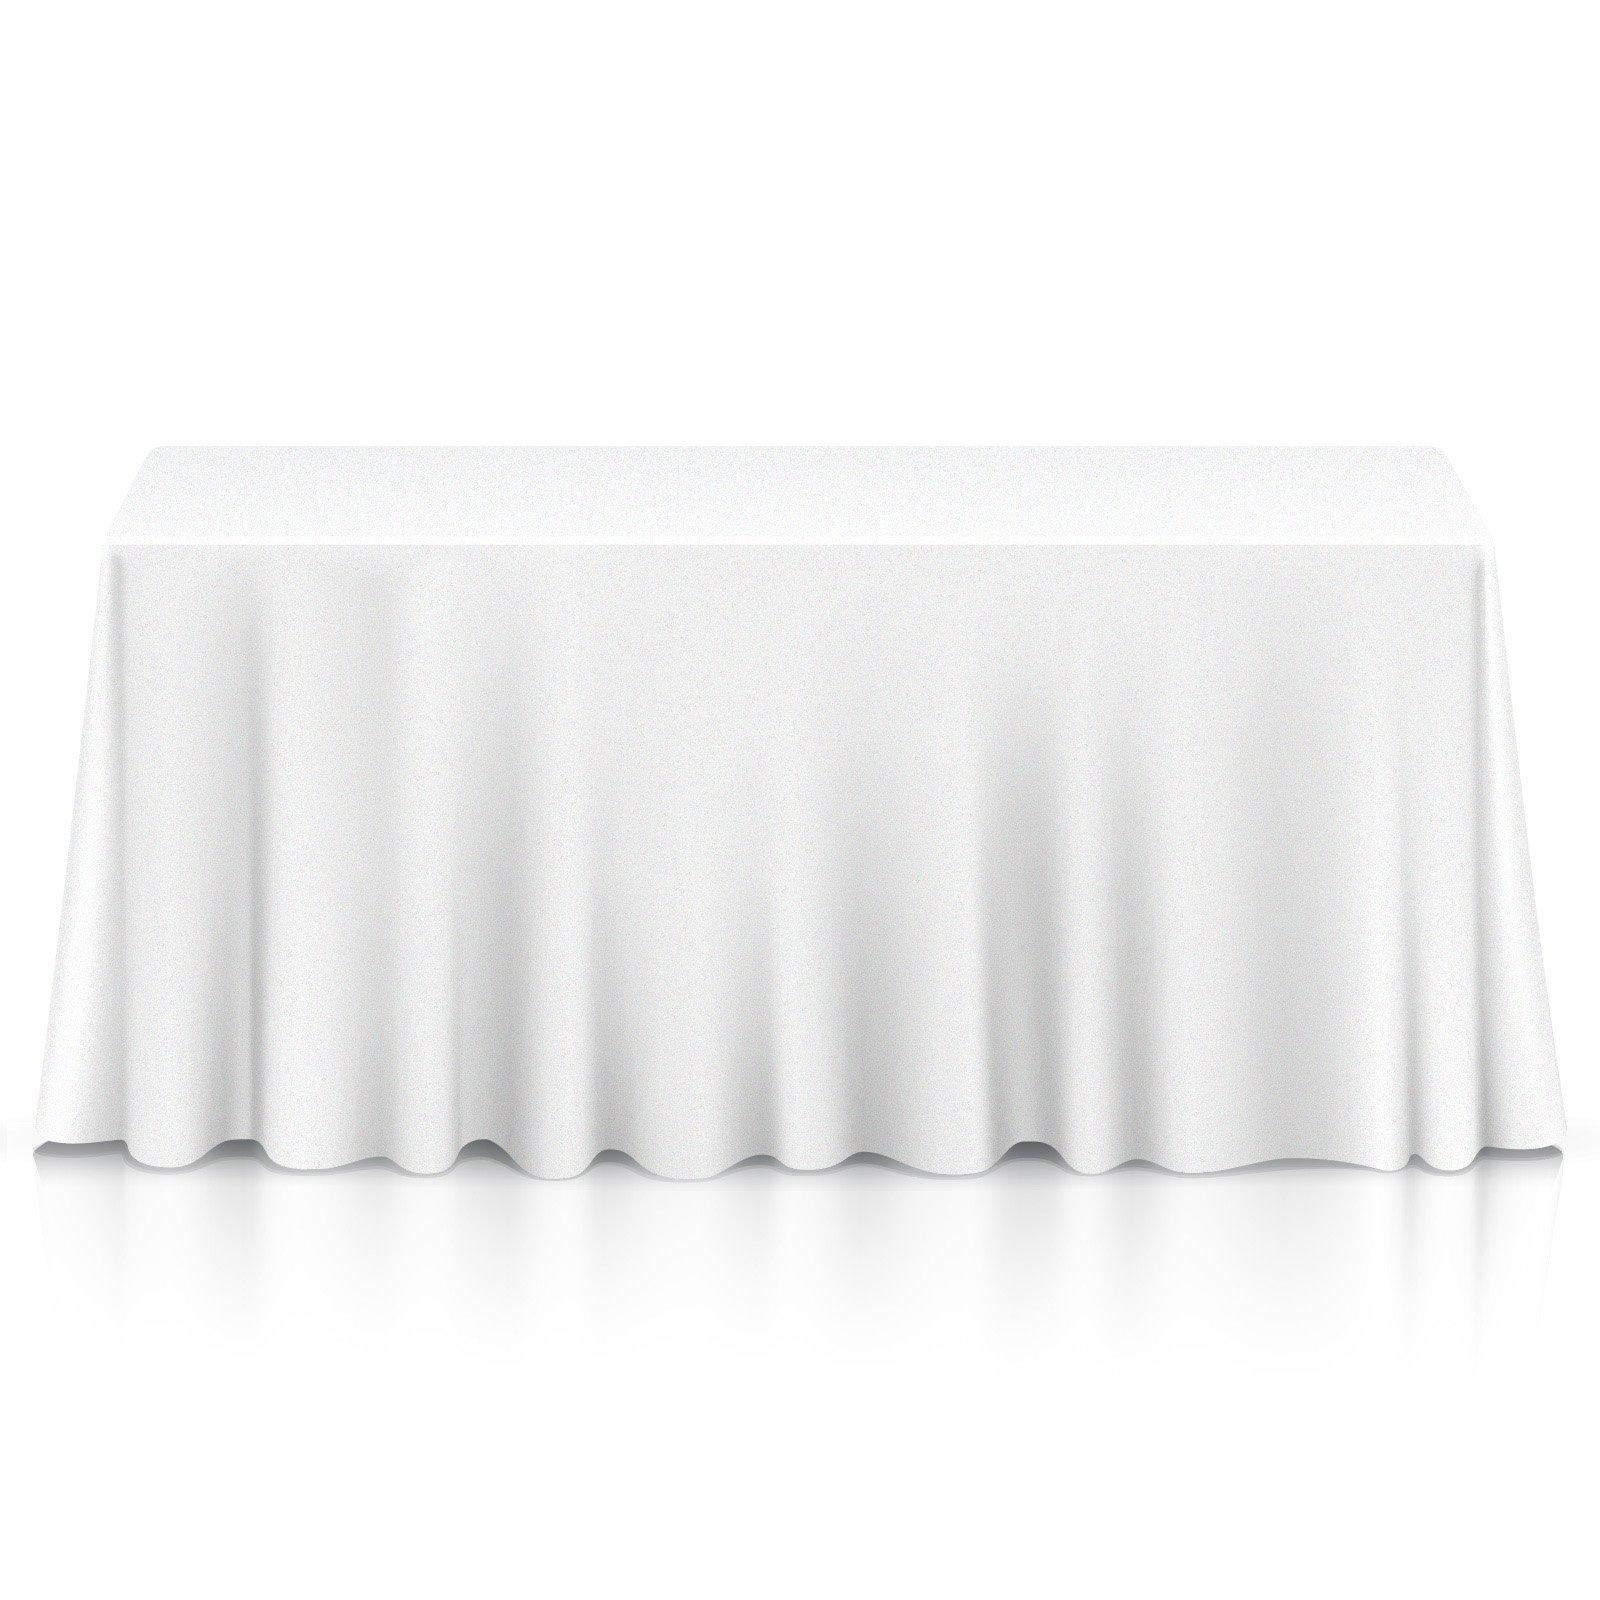 Lann's Linens - 10 Premium 90'' x 132'' Tablecloths for Wedding/Banquet/Restaurant - Rectangular Polyester Fabric Table Cloths - White by Lann's Linens